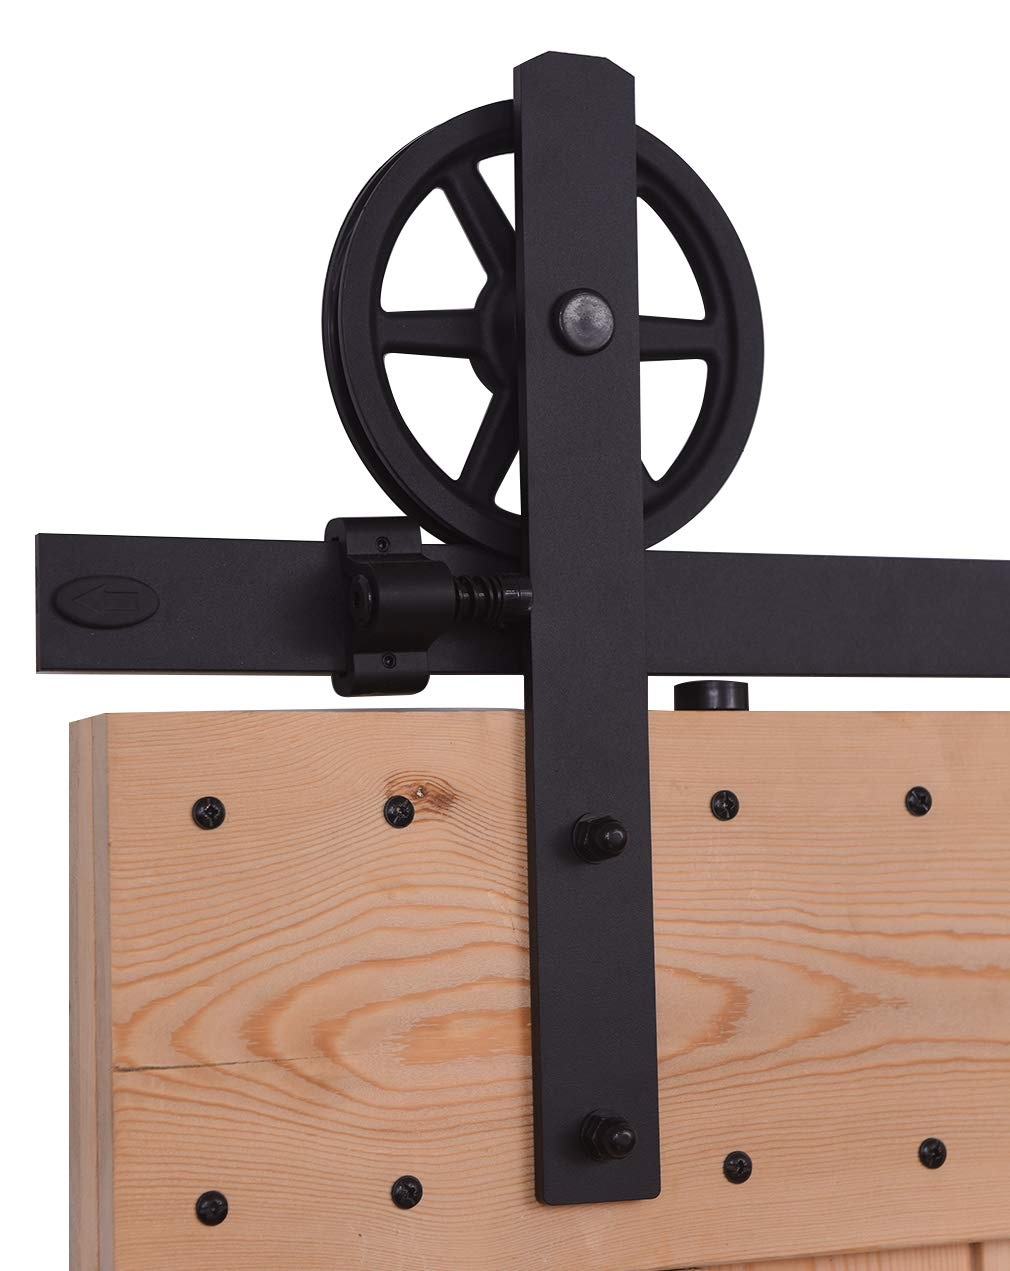 CCJH 5.5FT-168cm Herraje para Puerta Corredera Kit de Accesorios para Puertas Correderas Rueda Riel Juego para Una Puerta de Madera